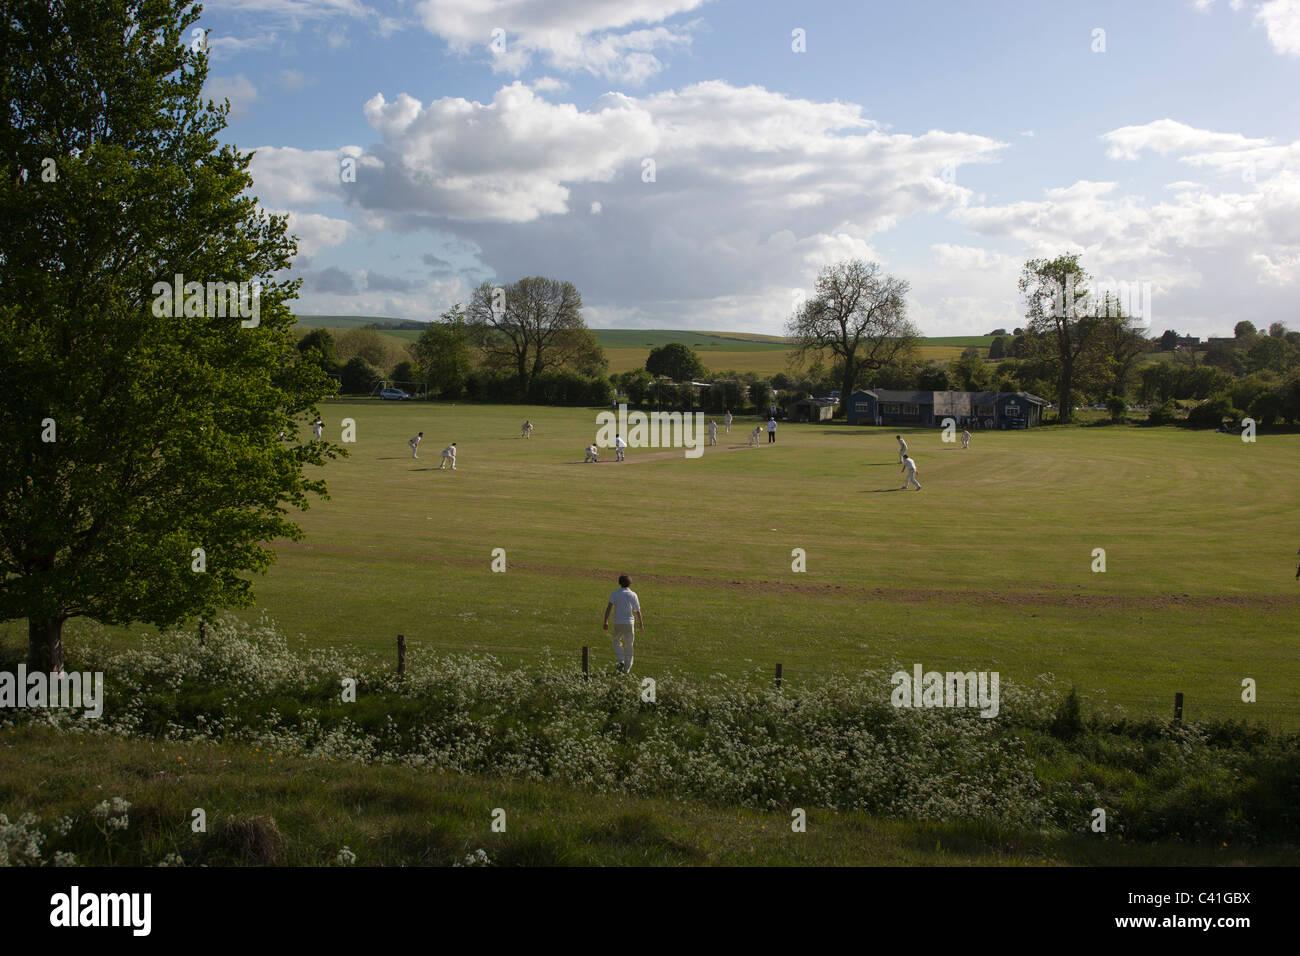 Cricket Game at Avebury Wiltshire UK - Stock Image